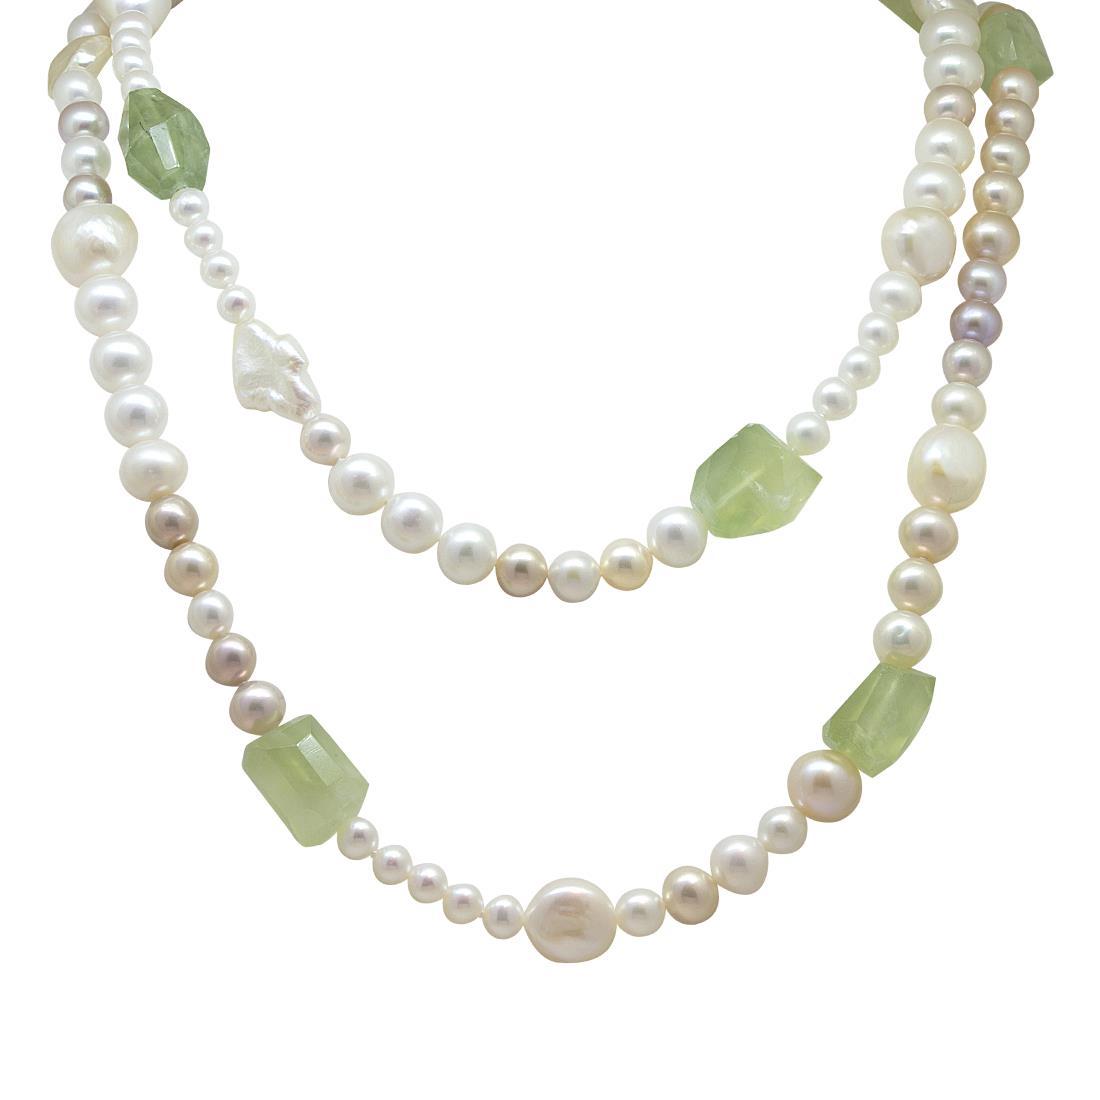 Collana lunga di perle e prenite - ROBERTO DEMEGLIO